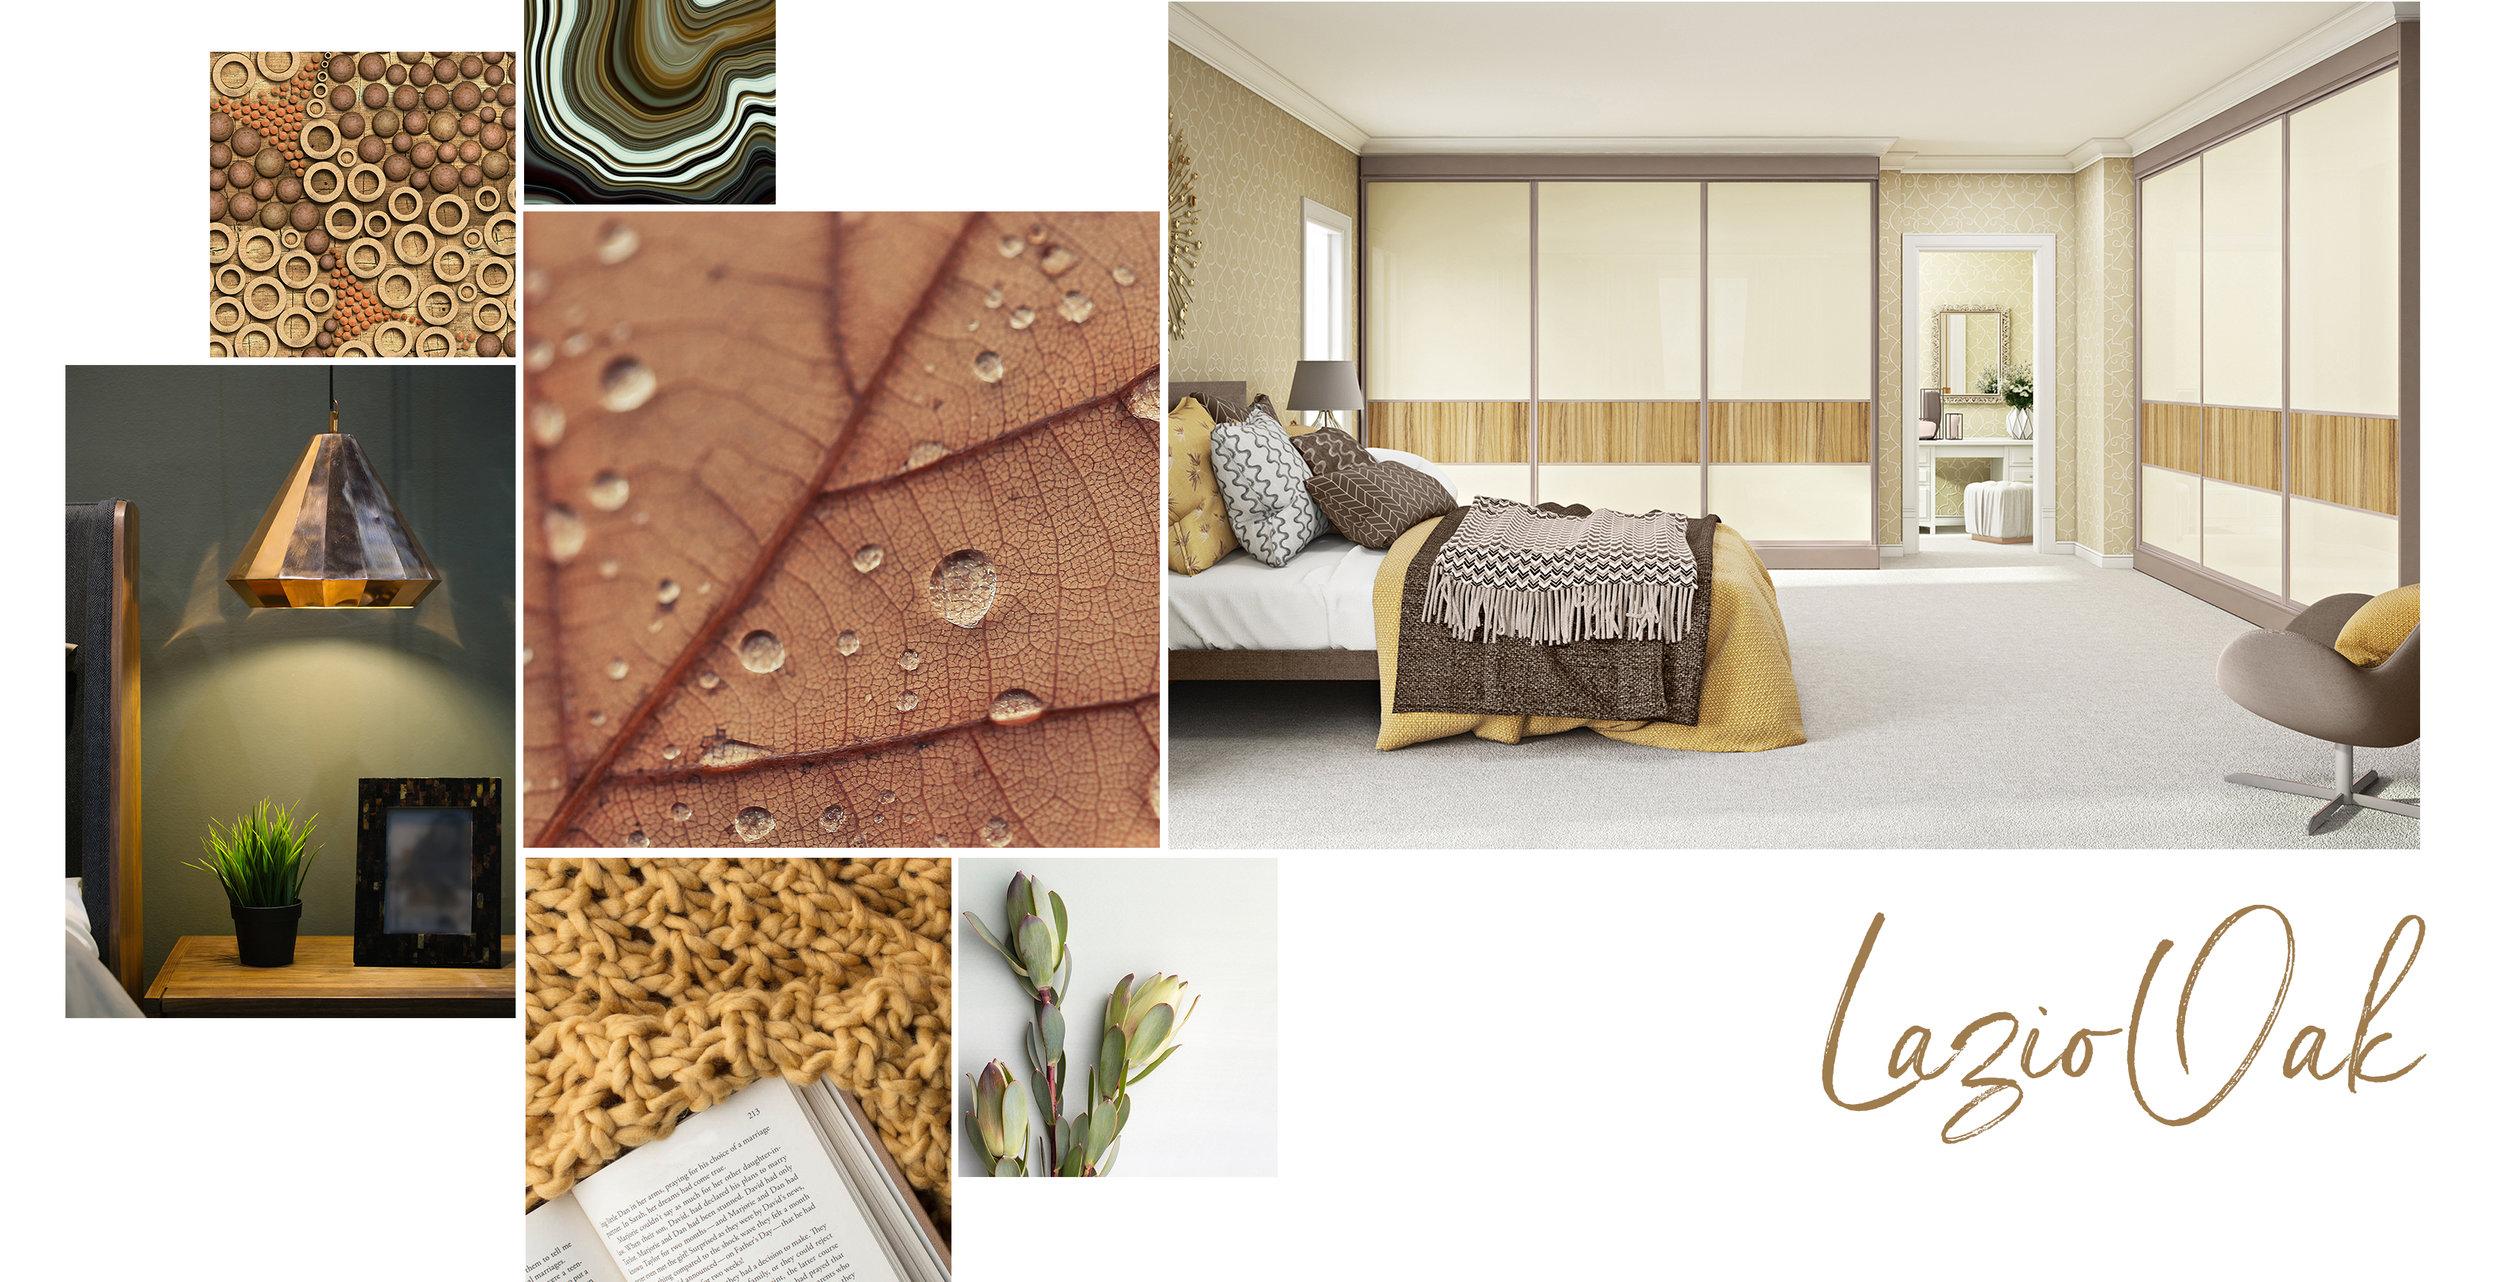 Lazio Oak moodboard.jpg